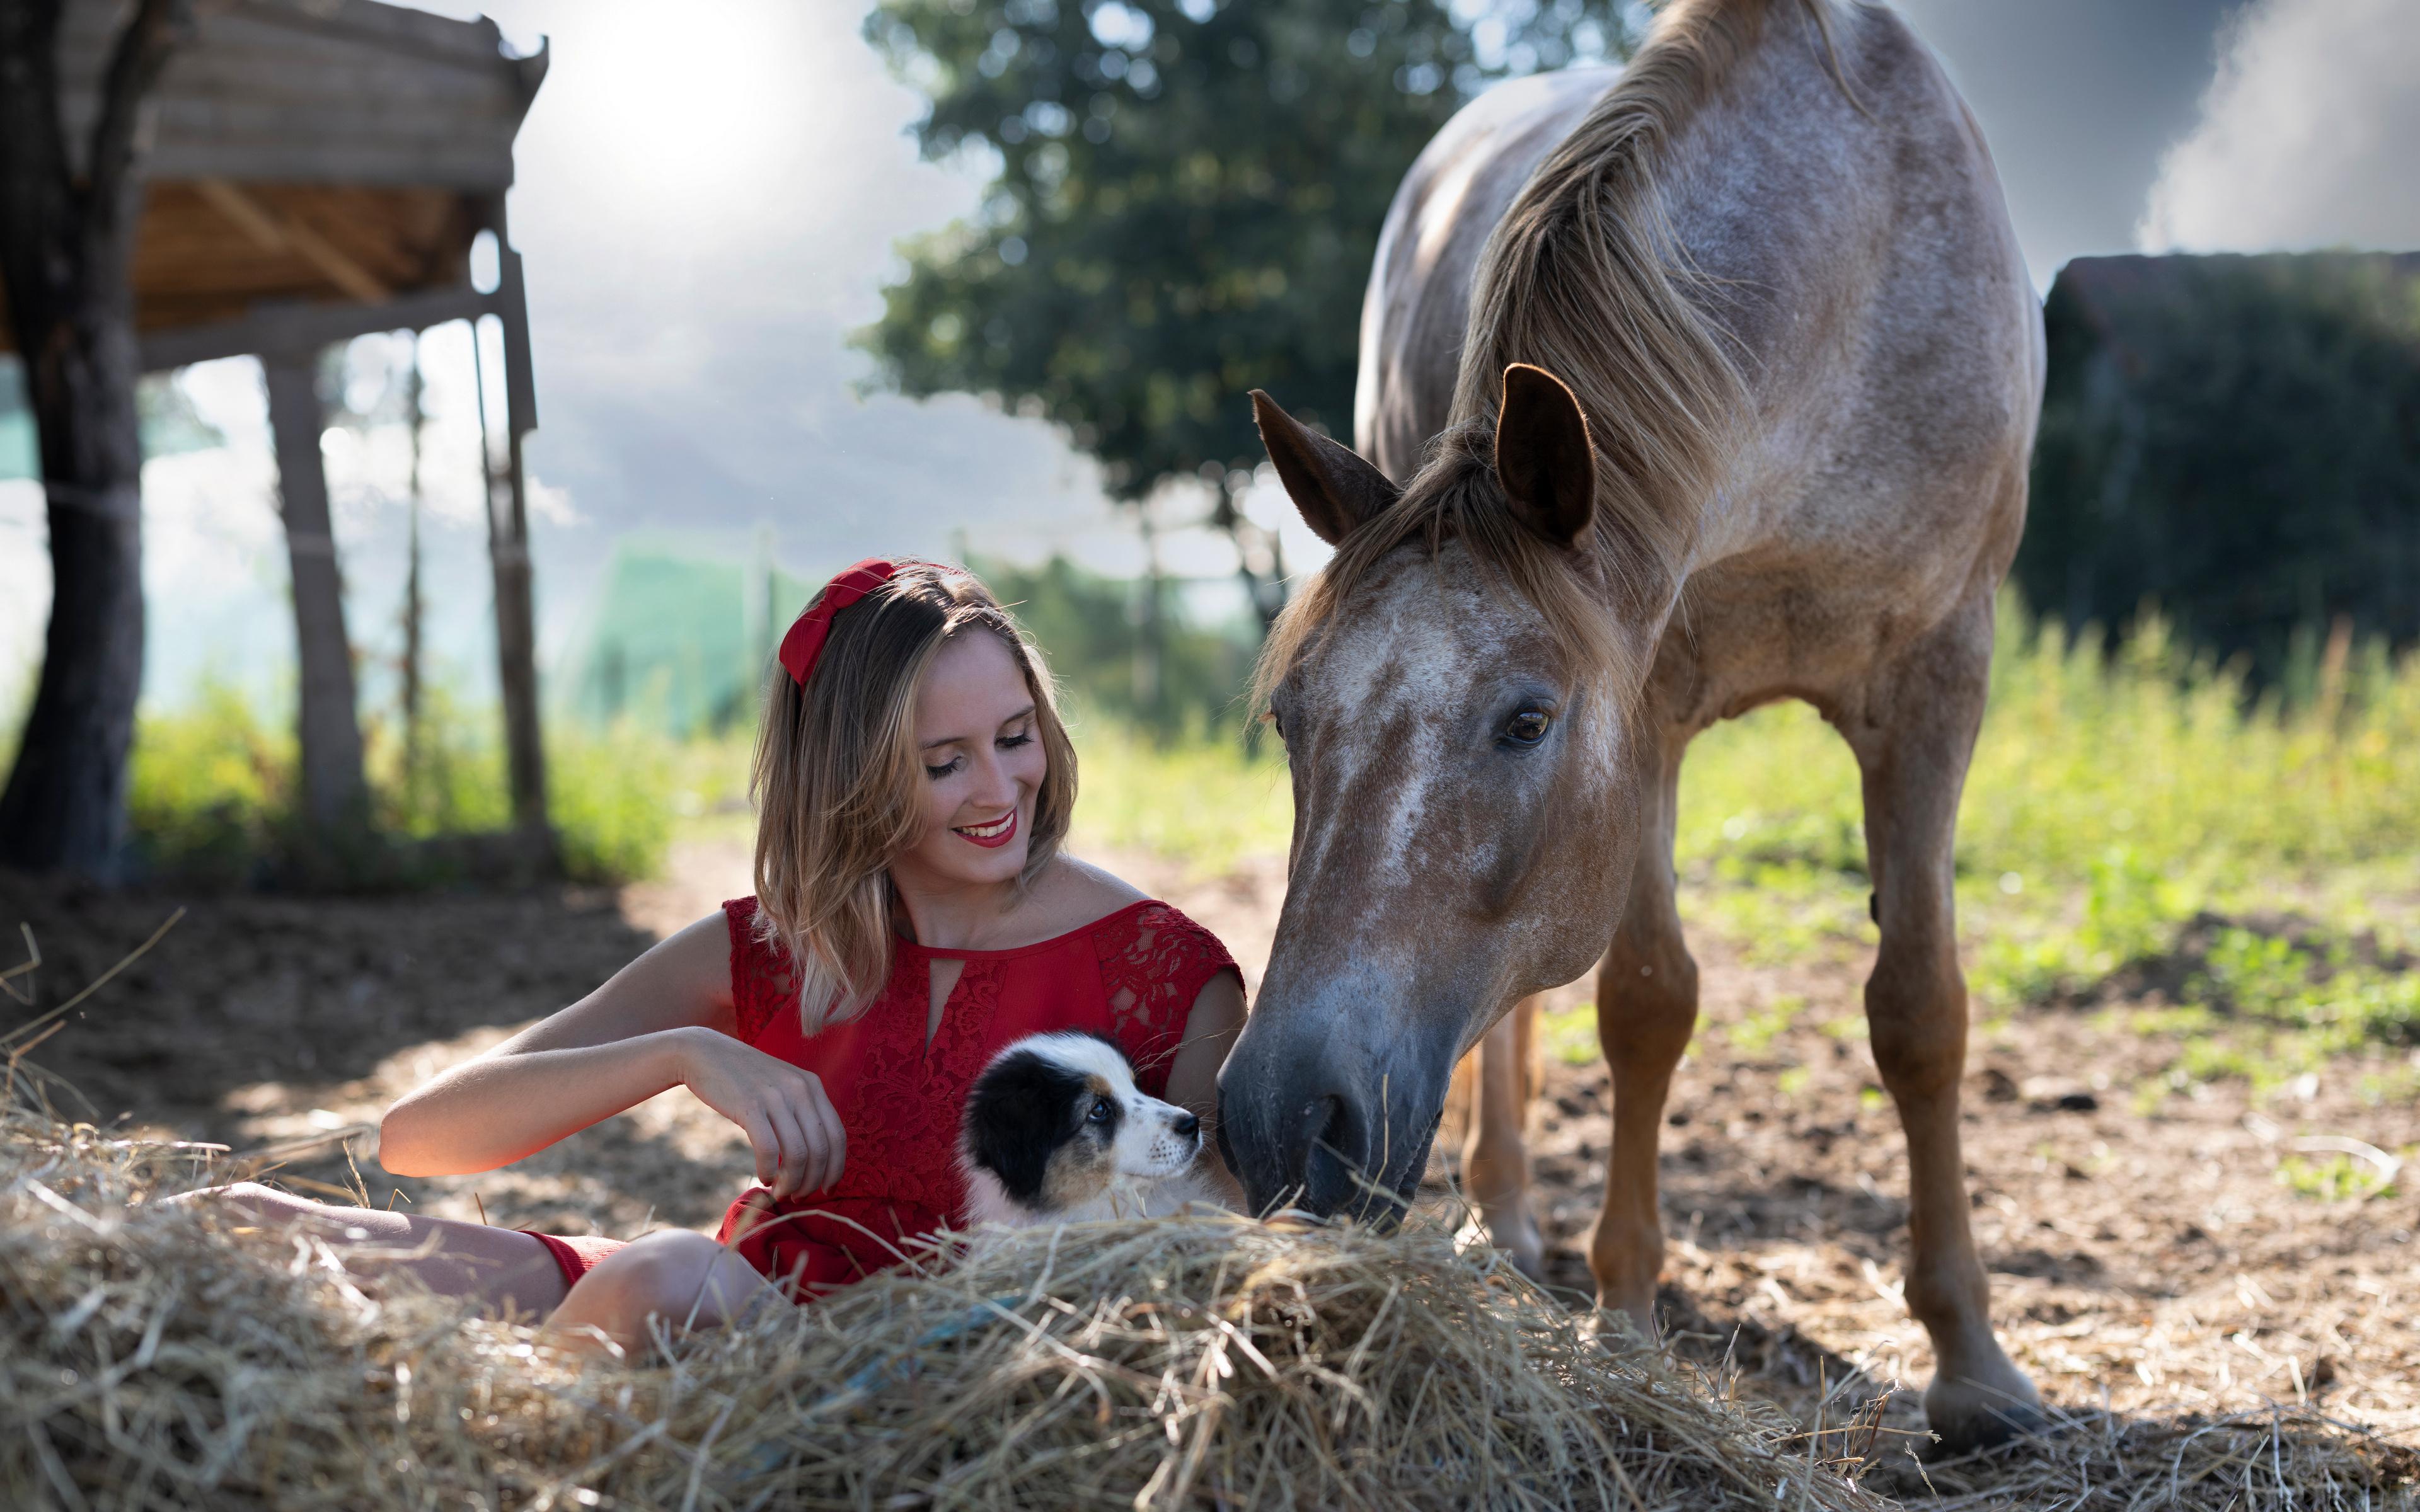 Bilder welpen Pferde Lächeln Marion and Sissi Mädchens Heu Sitzend Tiere Kleid 3840x2400 Welpe Pferd Hauspferd junge frau junge Frauen sitzt sitzen ein Tier